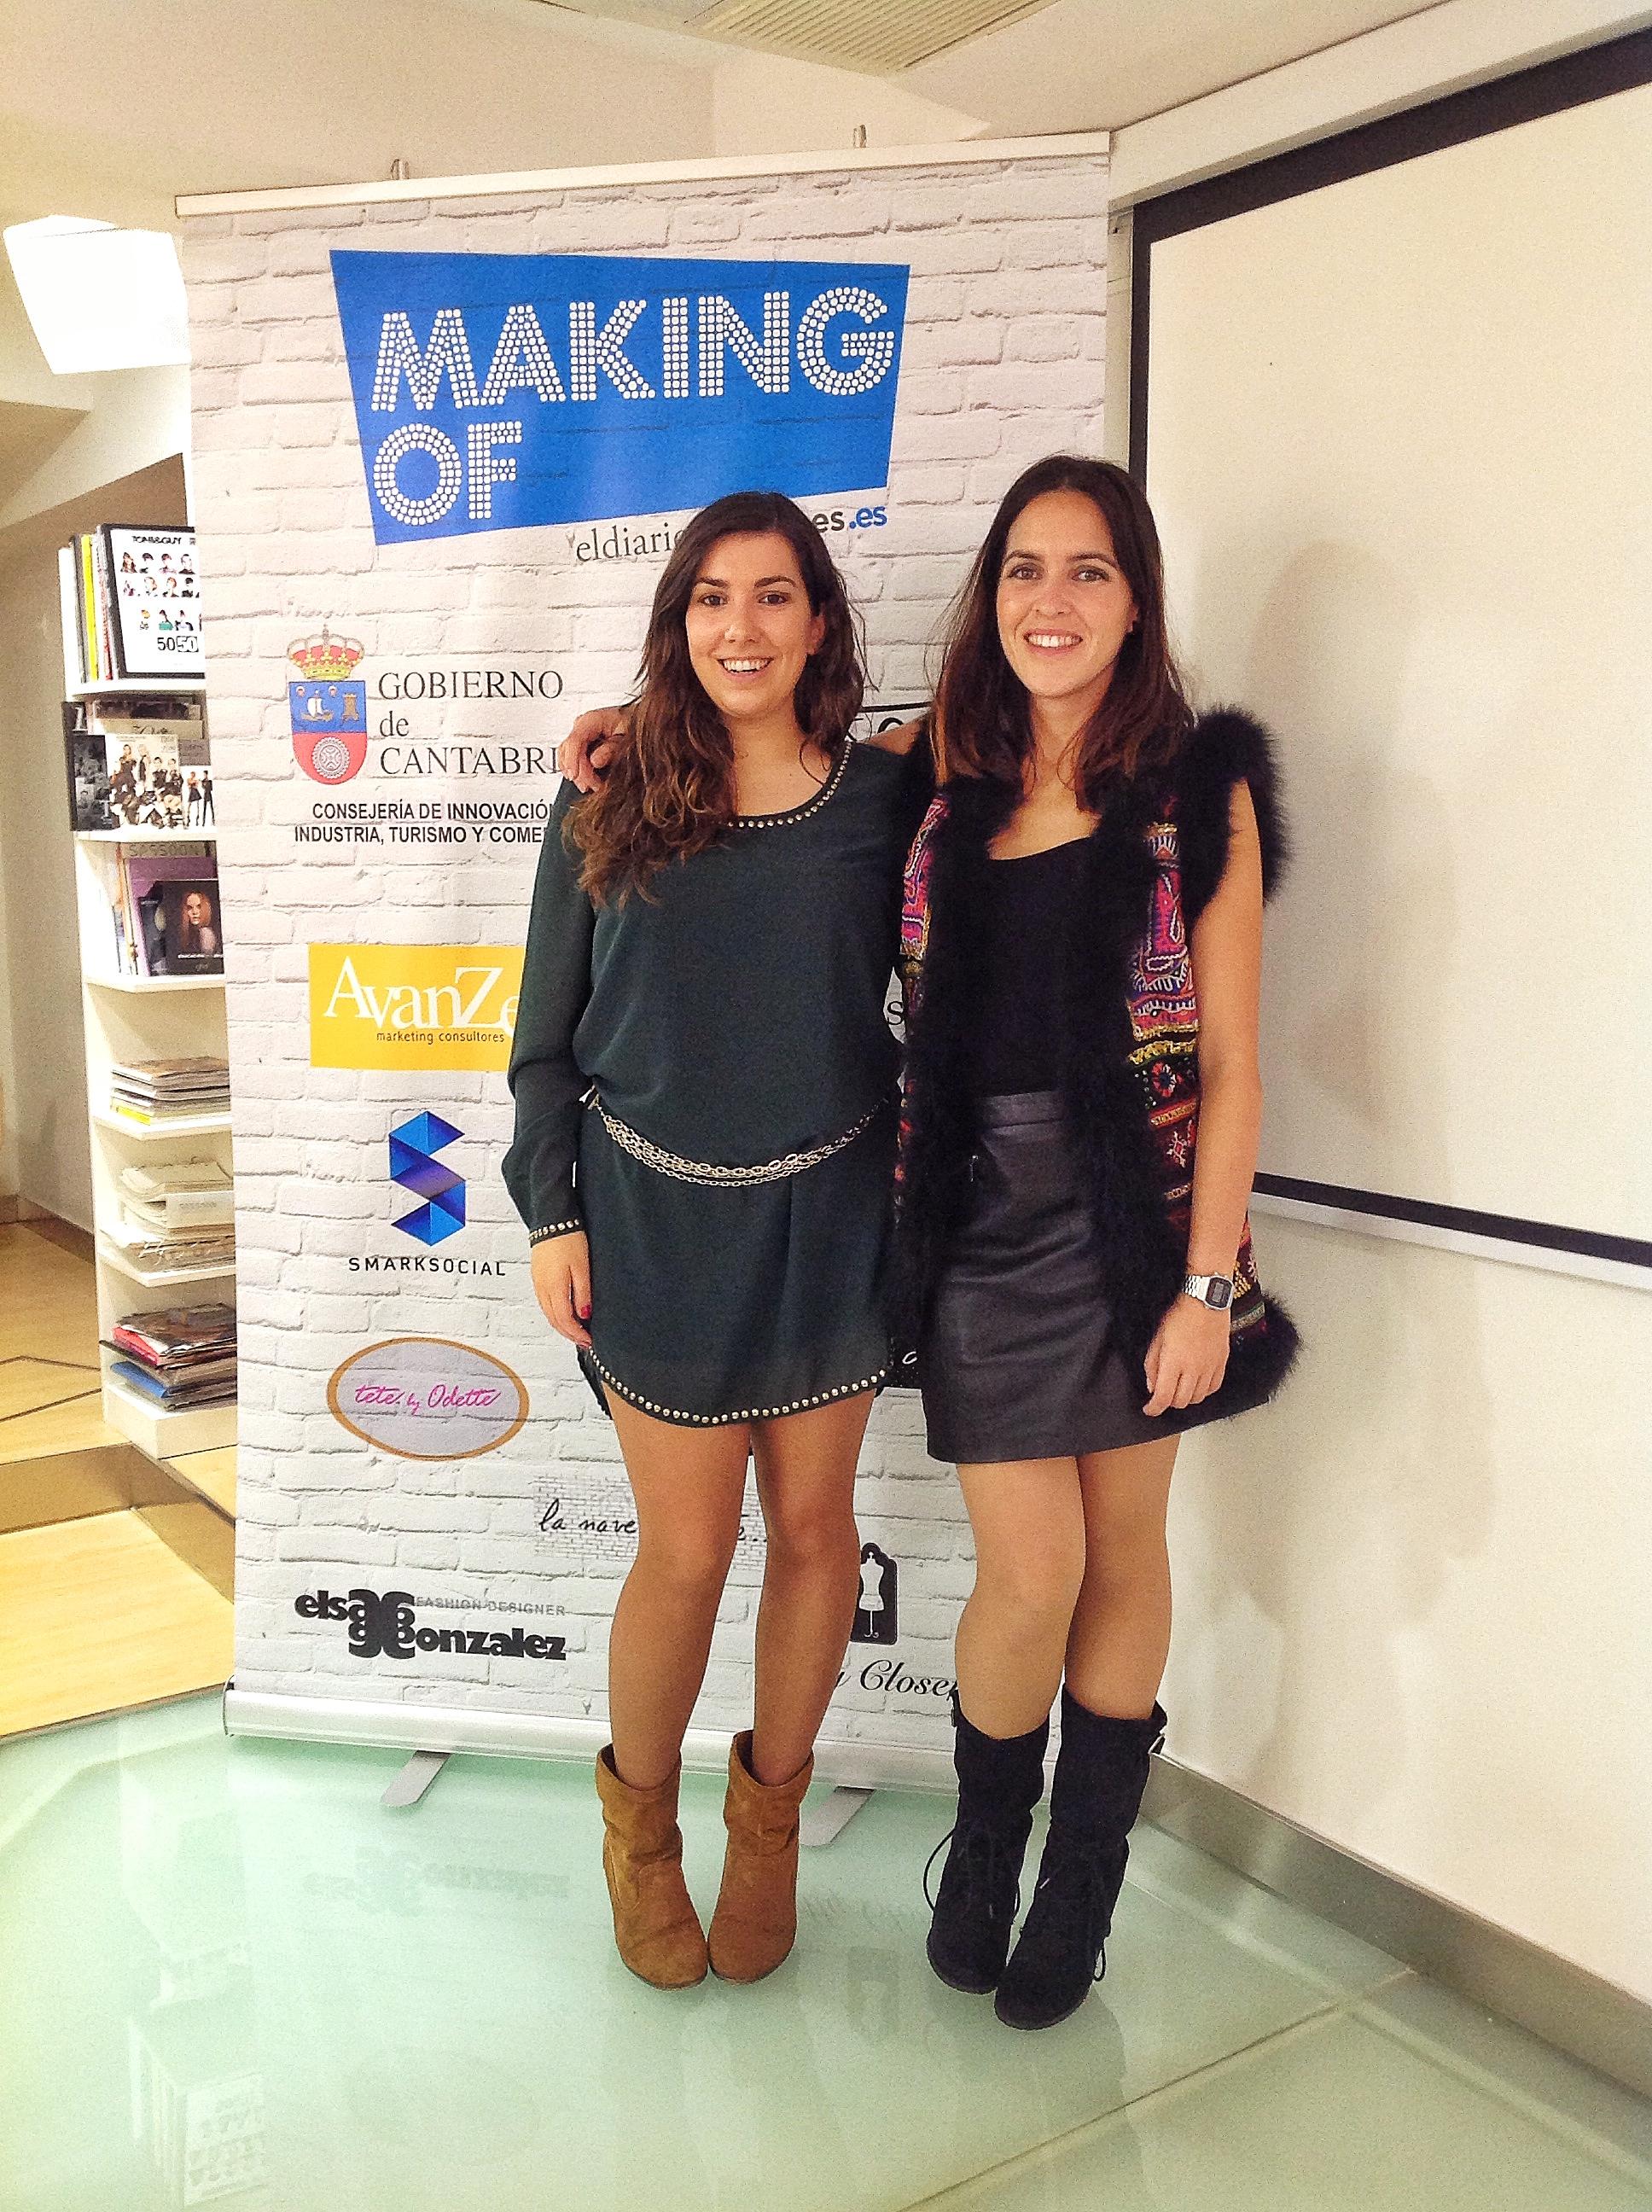 Paula Herrero y yo colaboramos en la organización del evento